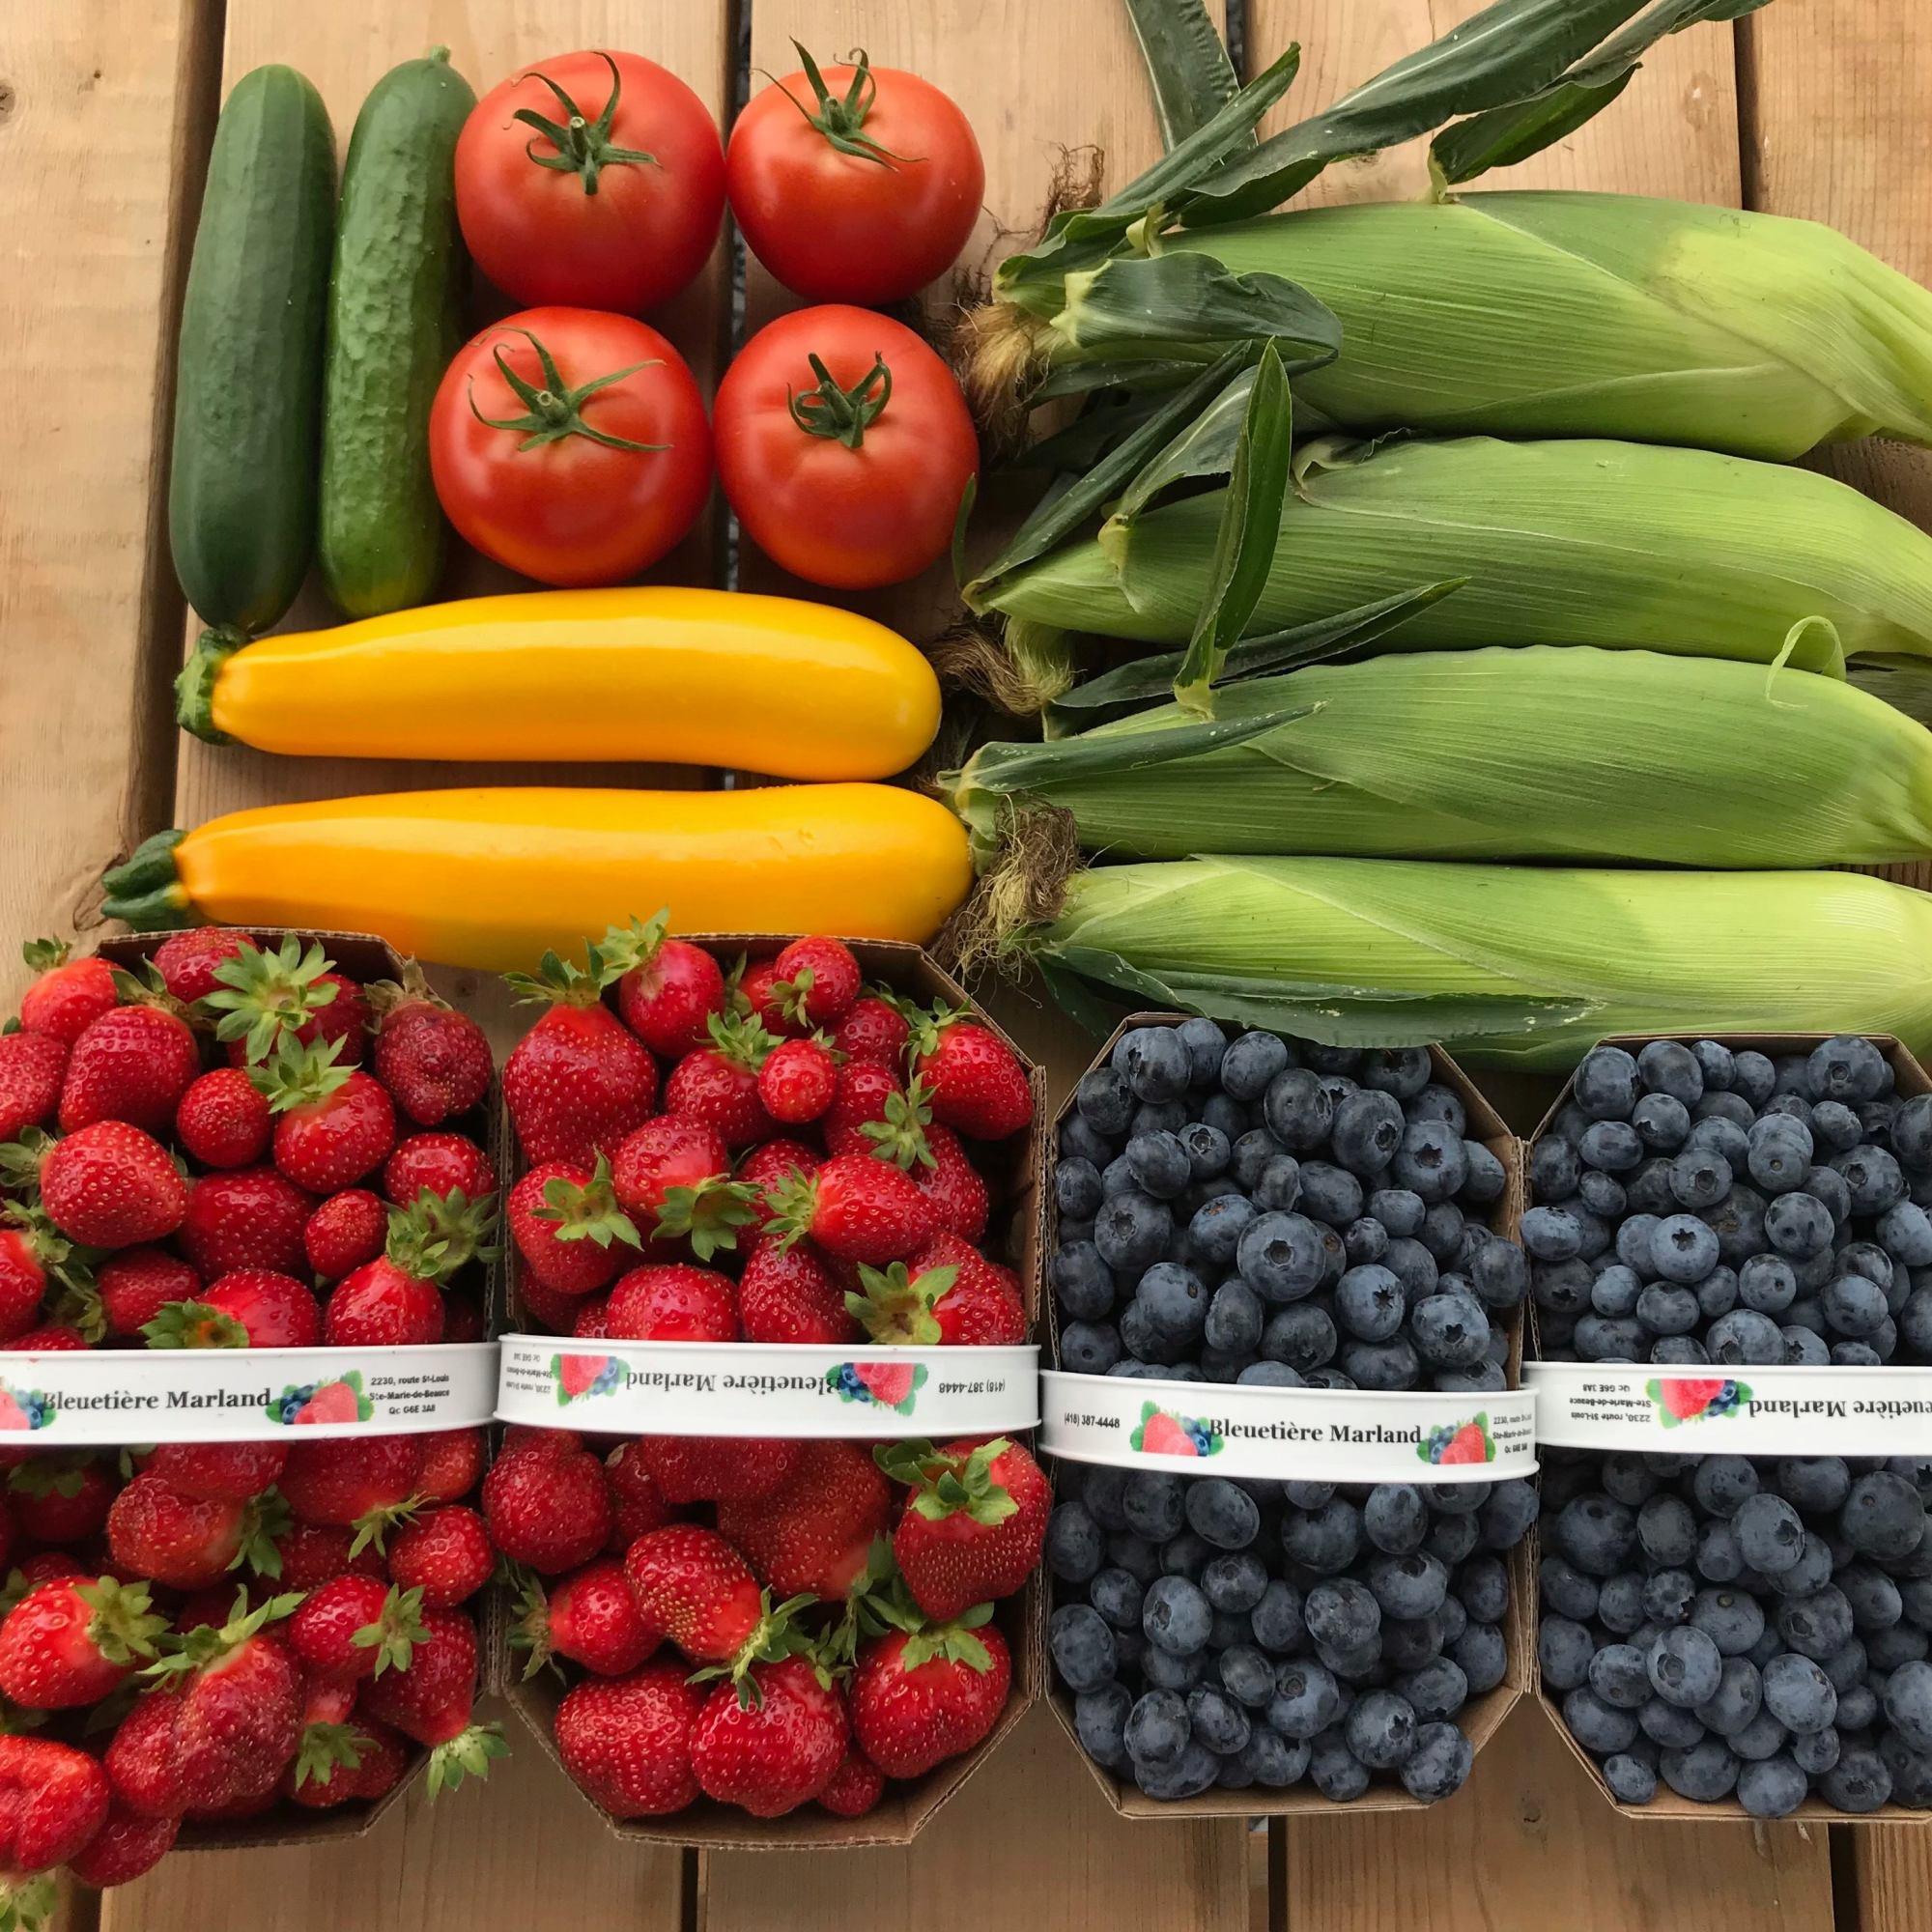 vente autocueillette agrotourisme cueillette fruits légumes agriculture